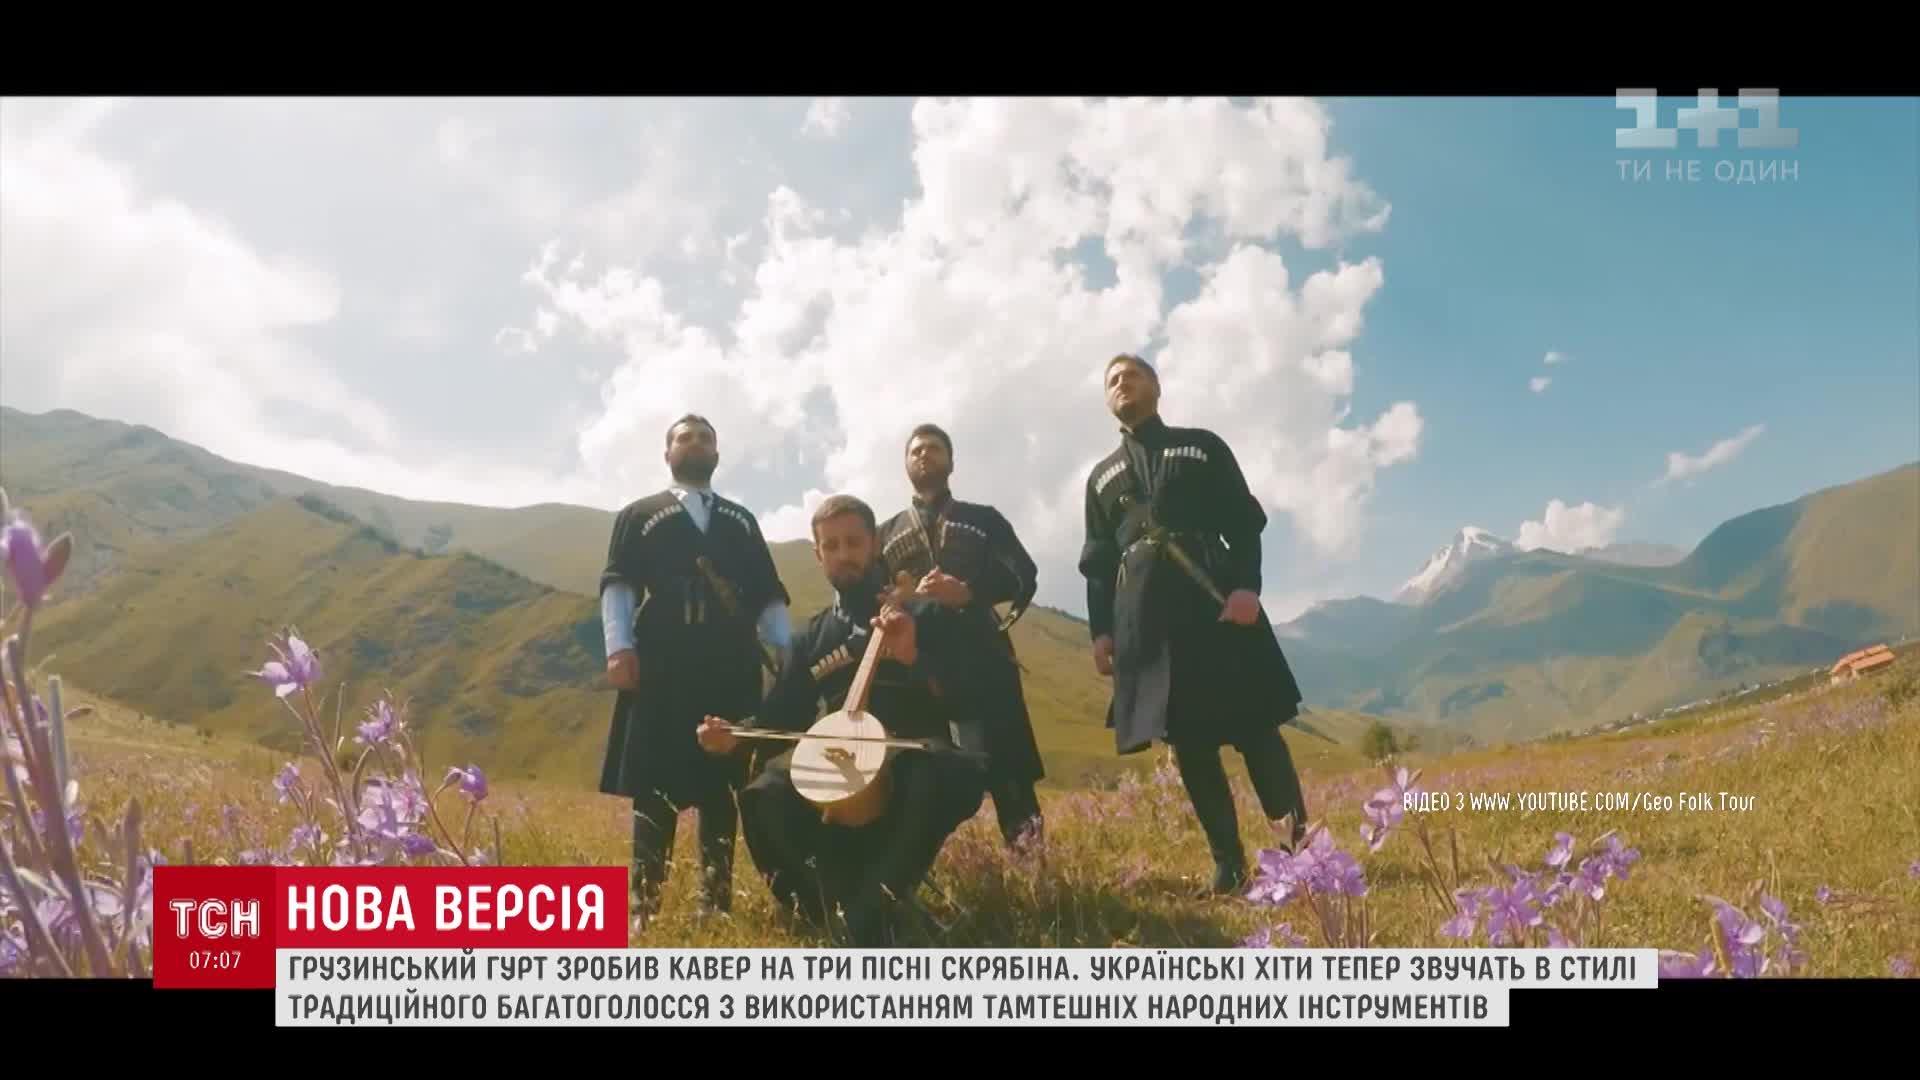 музыканты перепели хиты в стиле традиционного грузинского многоголосия / скриншот